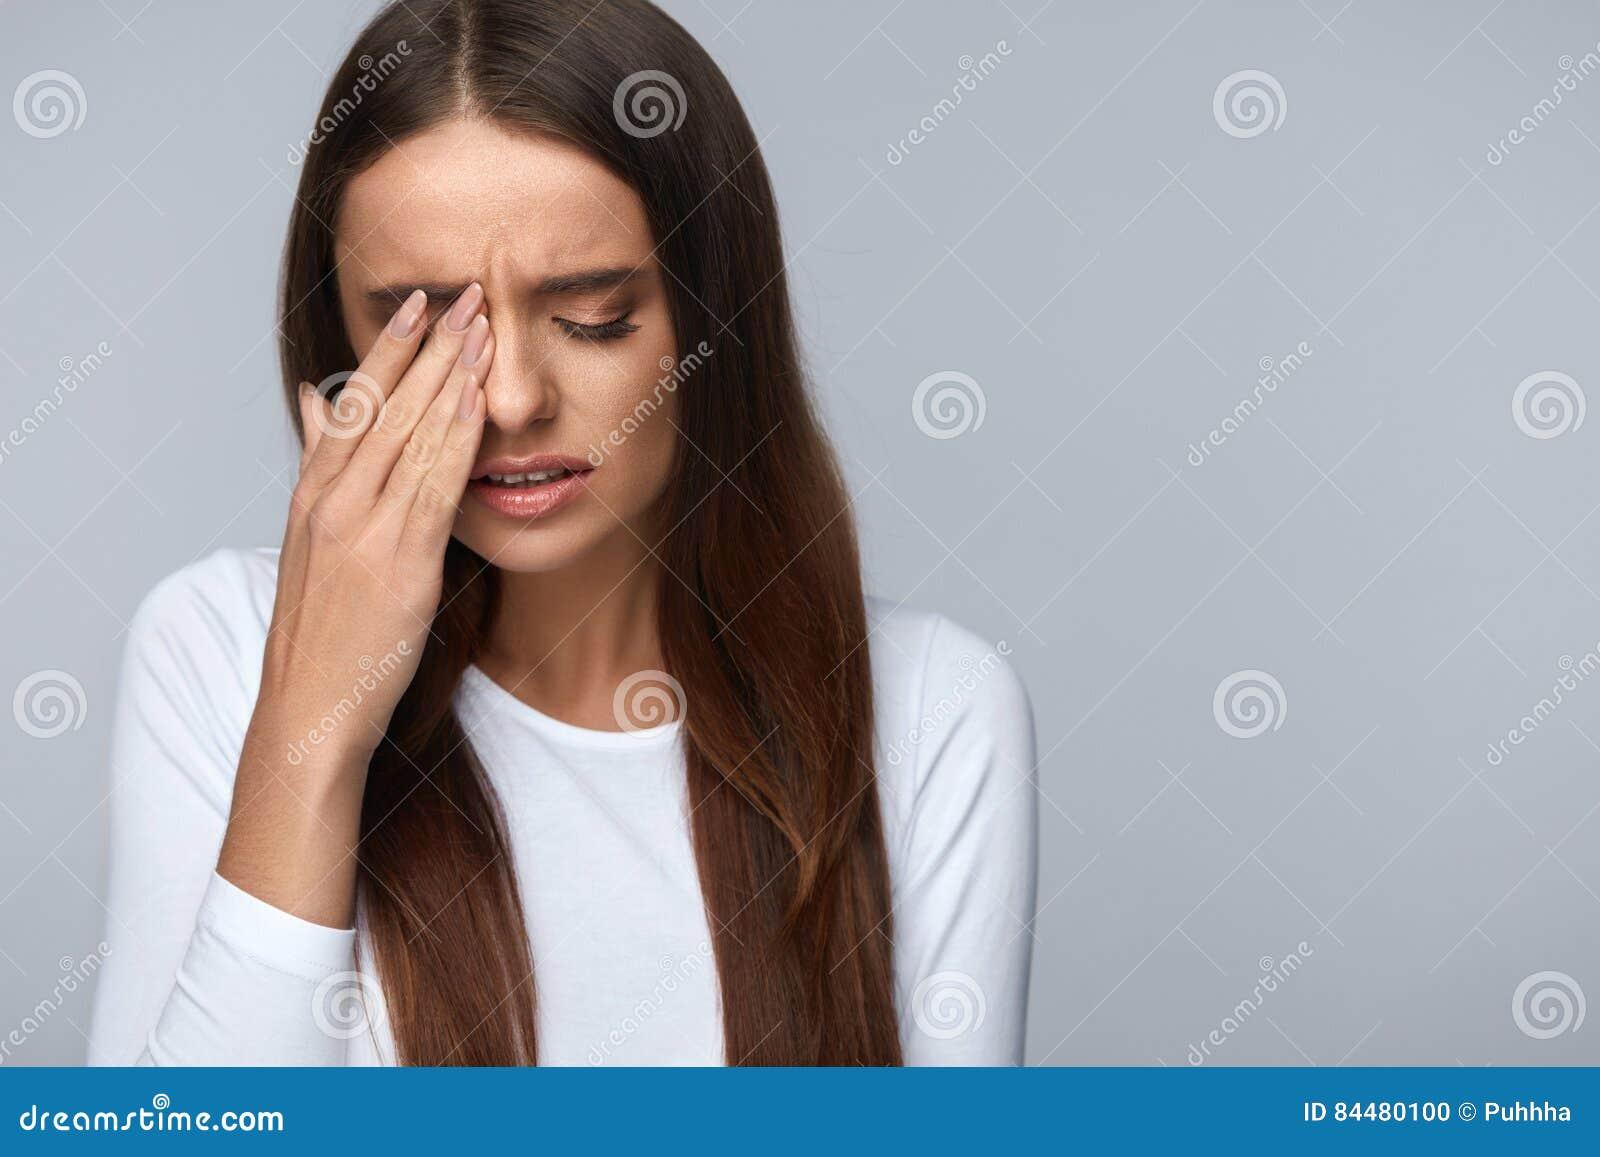 trött i ögonen och huvudvärk